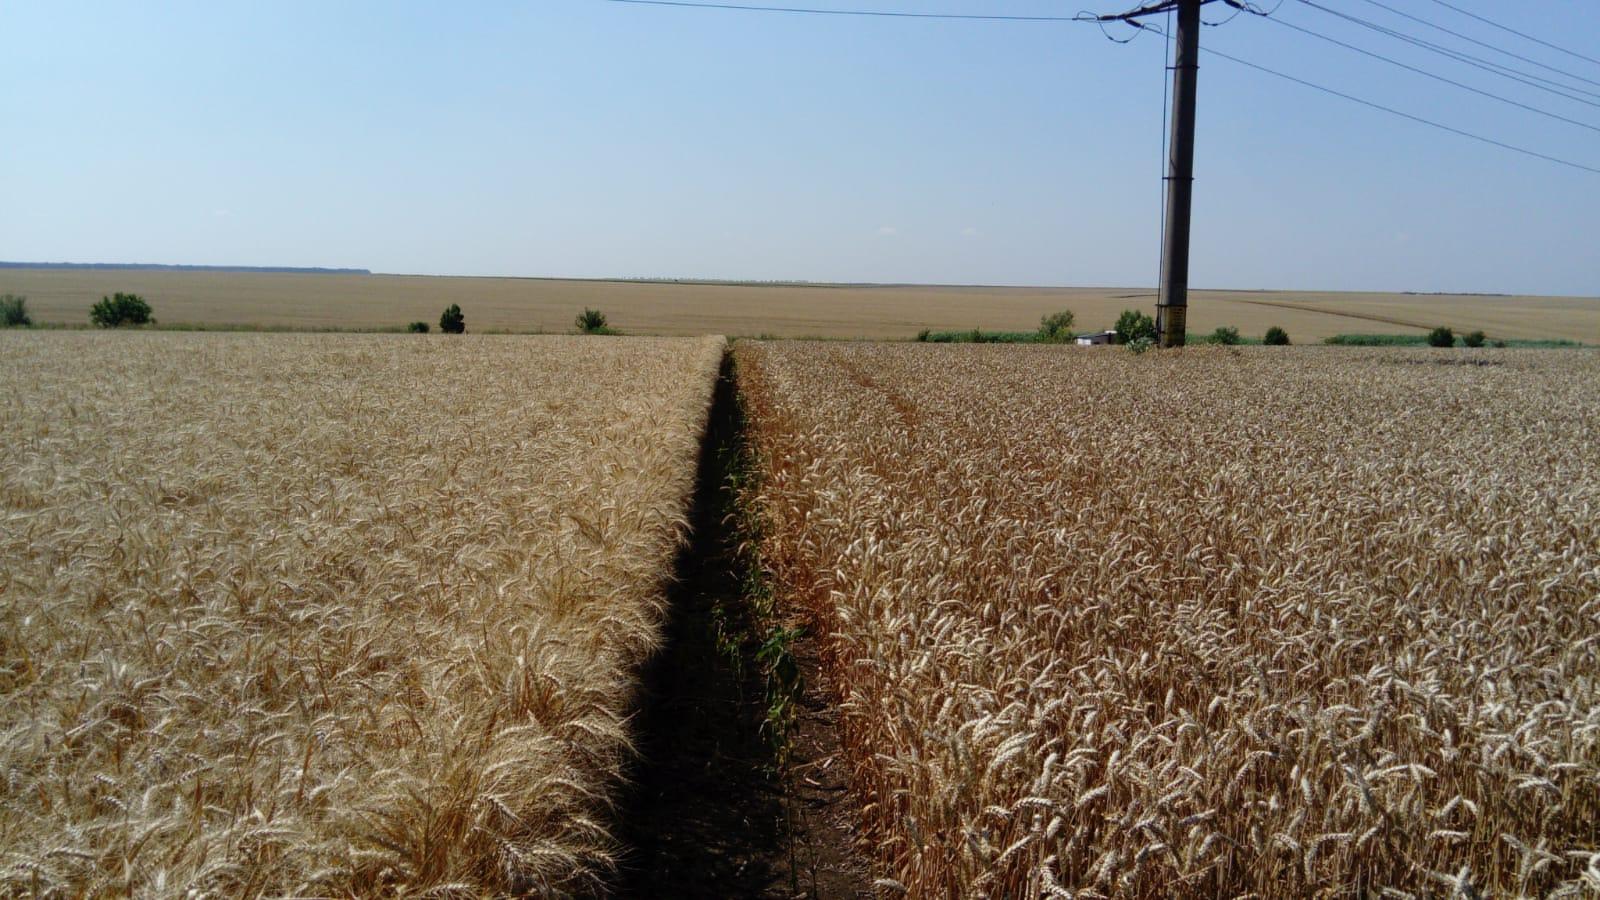 Grâul se apropie de 250 euro/to. prețurile la grâu pe piața futures au crescut cu 10 euro până la puțin sub 250 de euro pe tonă. Stiri agricole